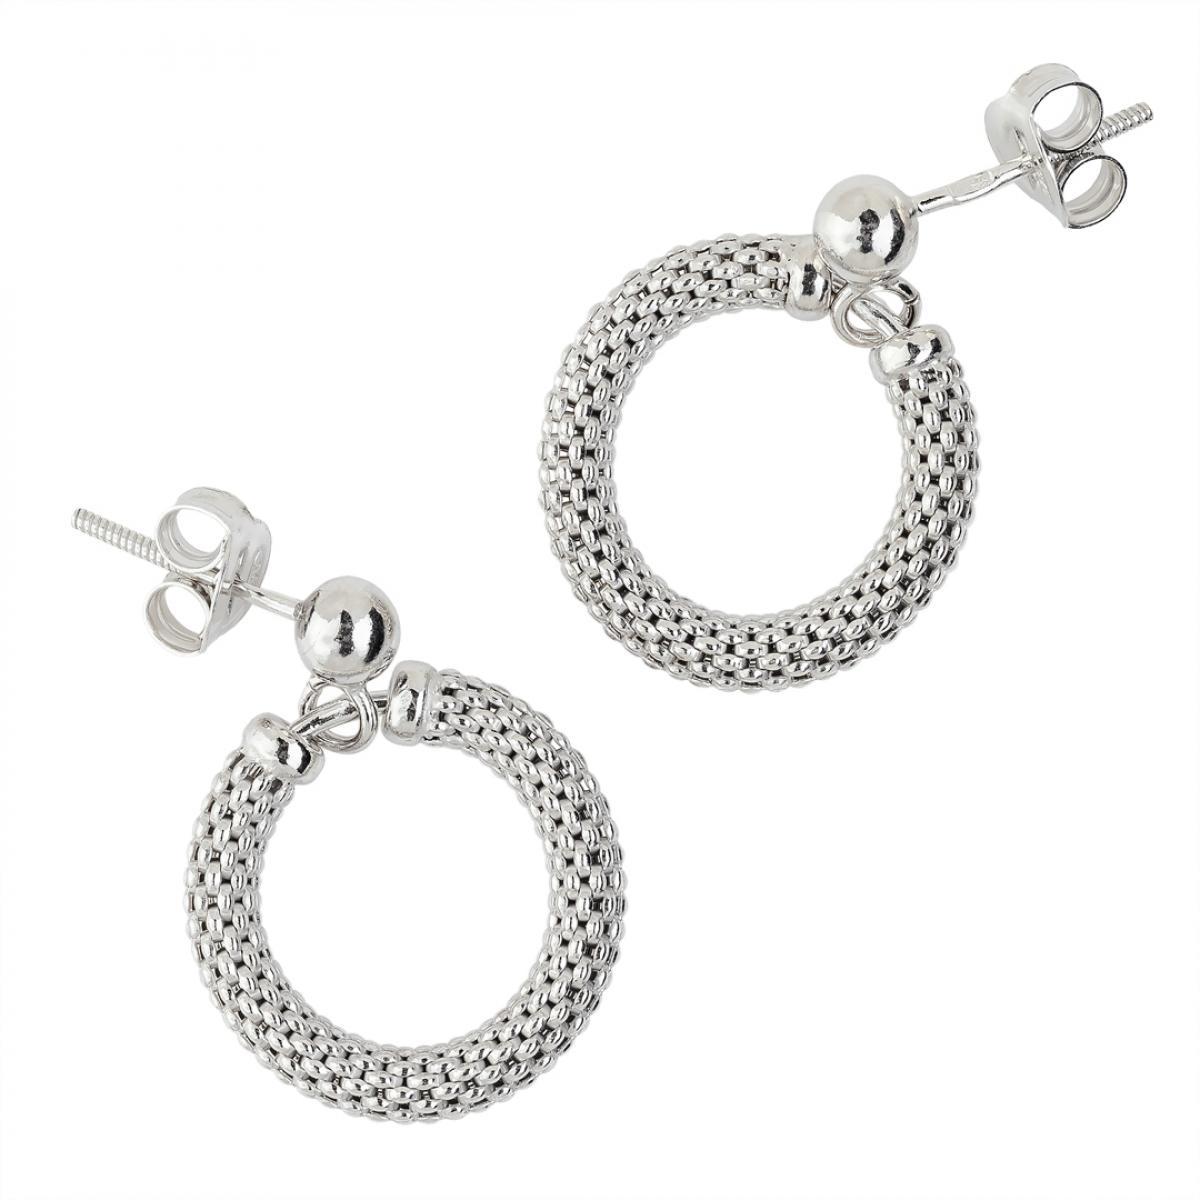 Сережки срібні ``Trionfo`` ORCEKR001